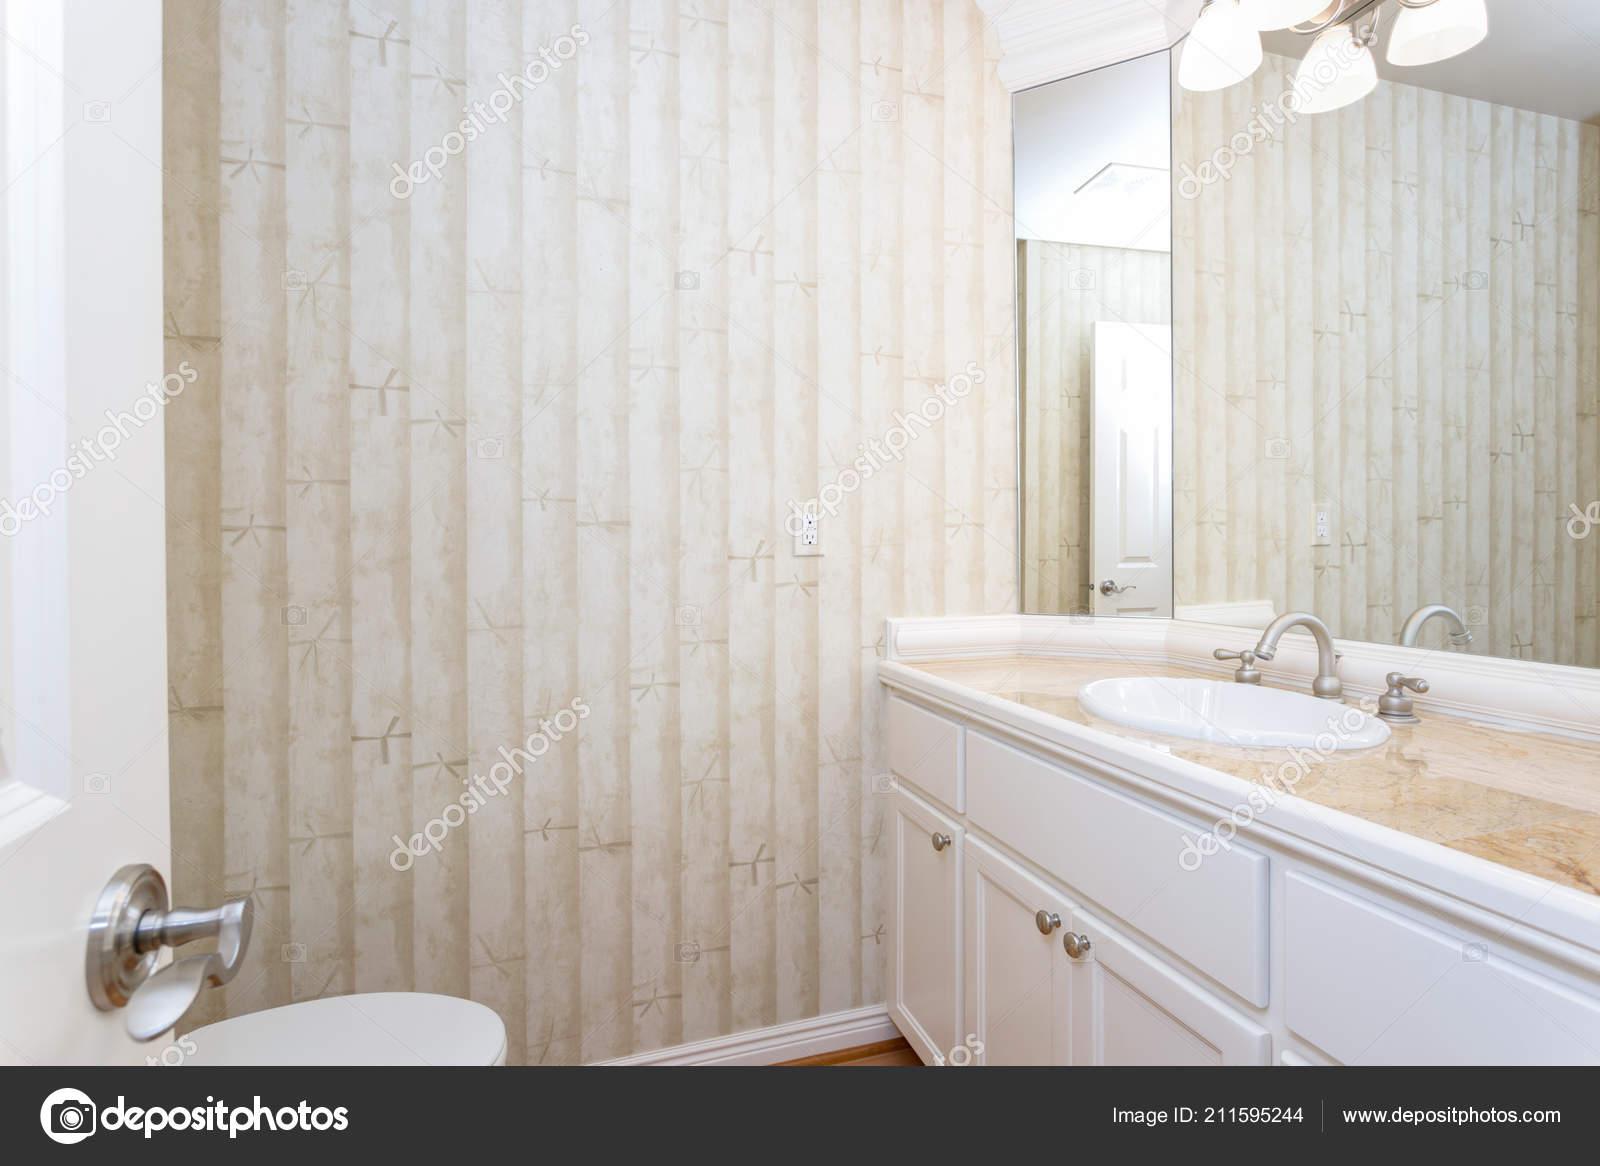 Salle Bain Blanc Avec Bambou Motif Papier Peint Marbre Haut